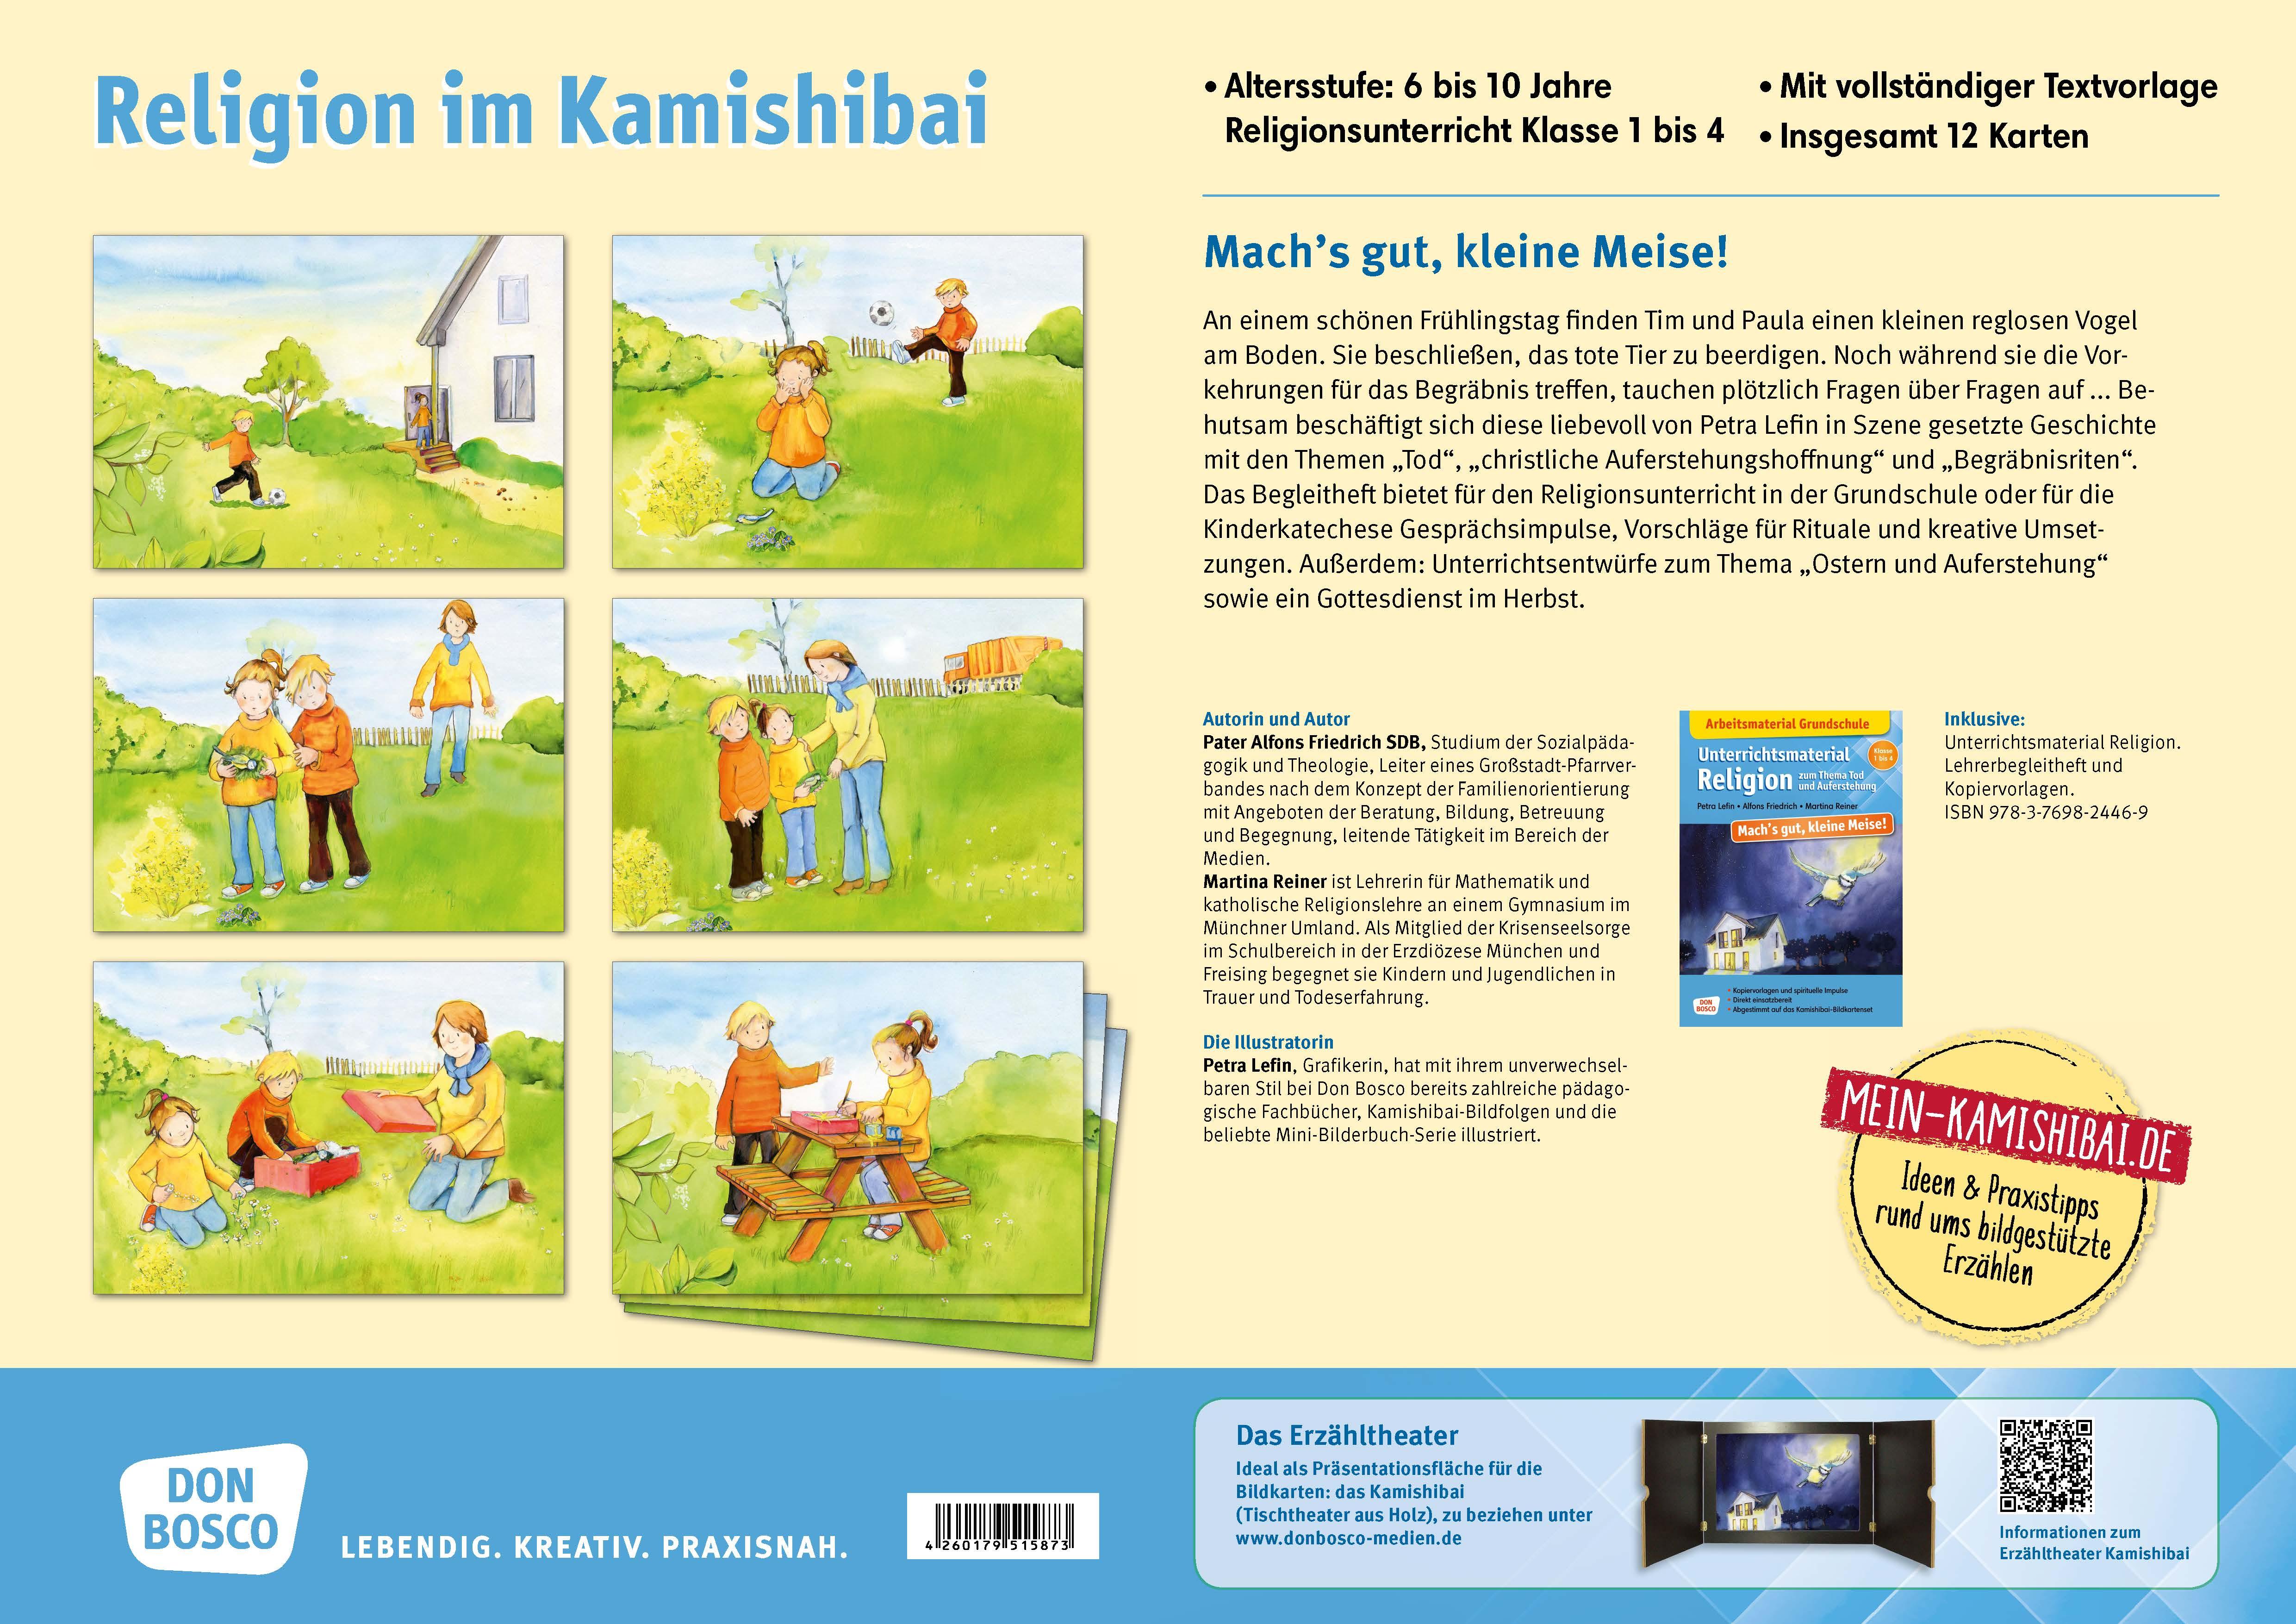 Innenansicht zu Mach's gut, kleine Meise! Kamishibai Bildkartenset.